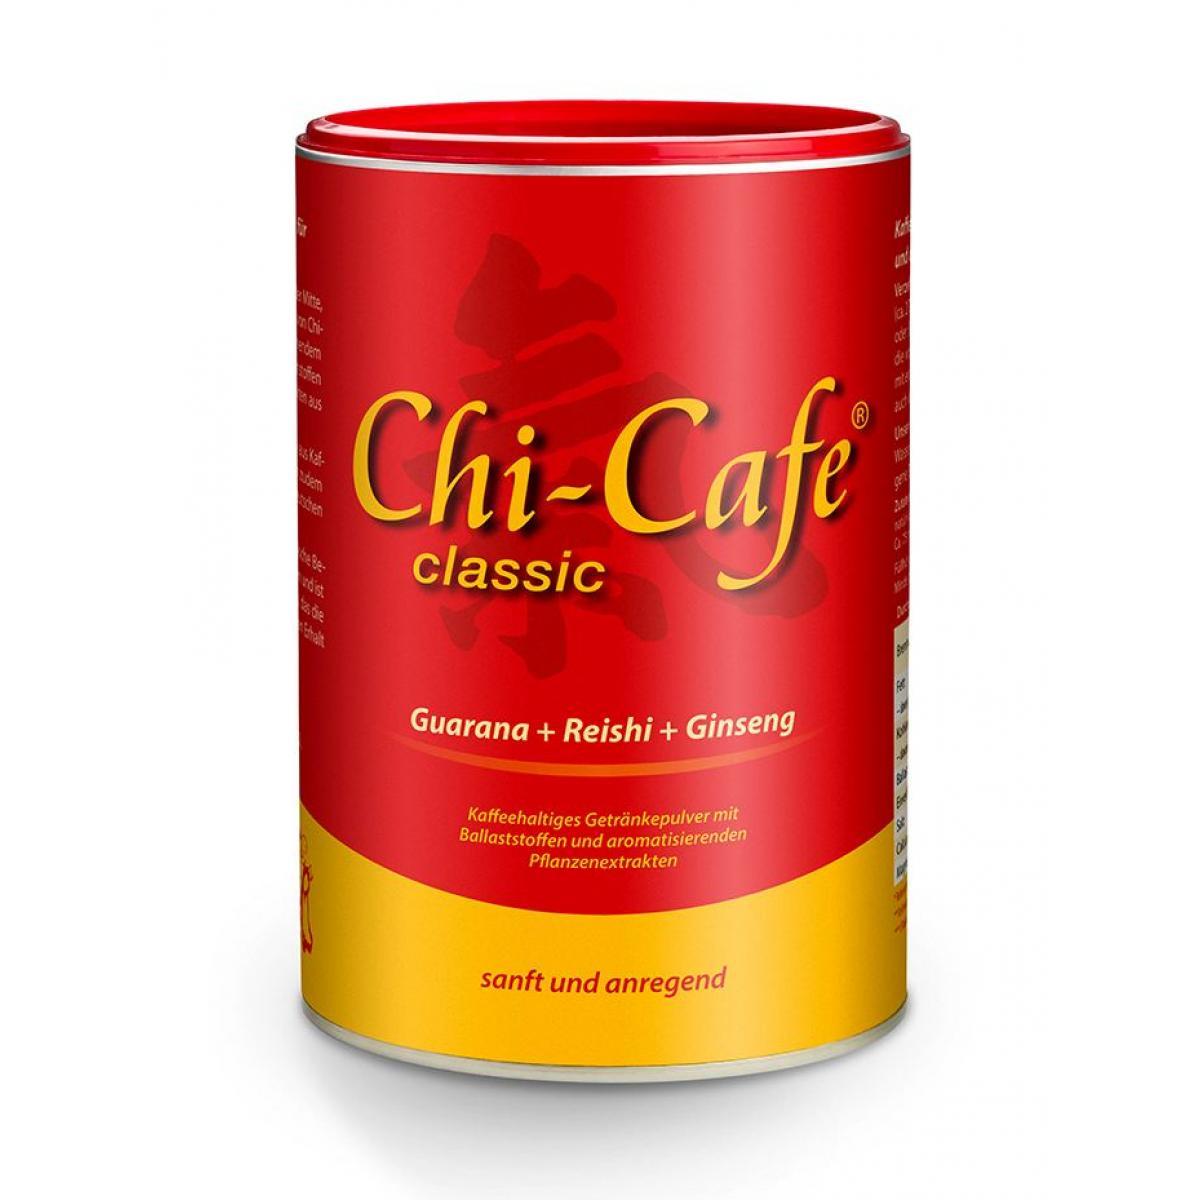 Chi - café classic - 400 g